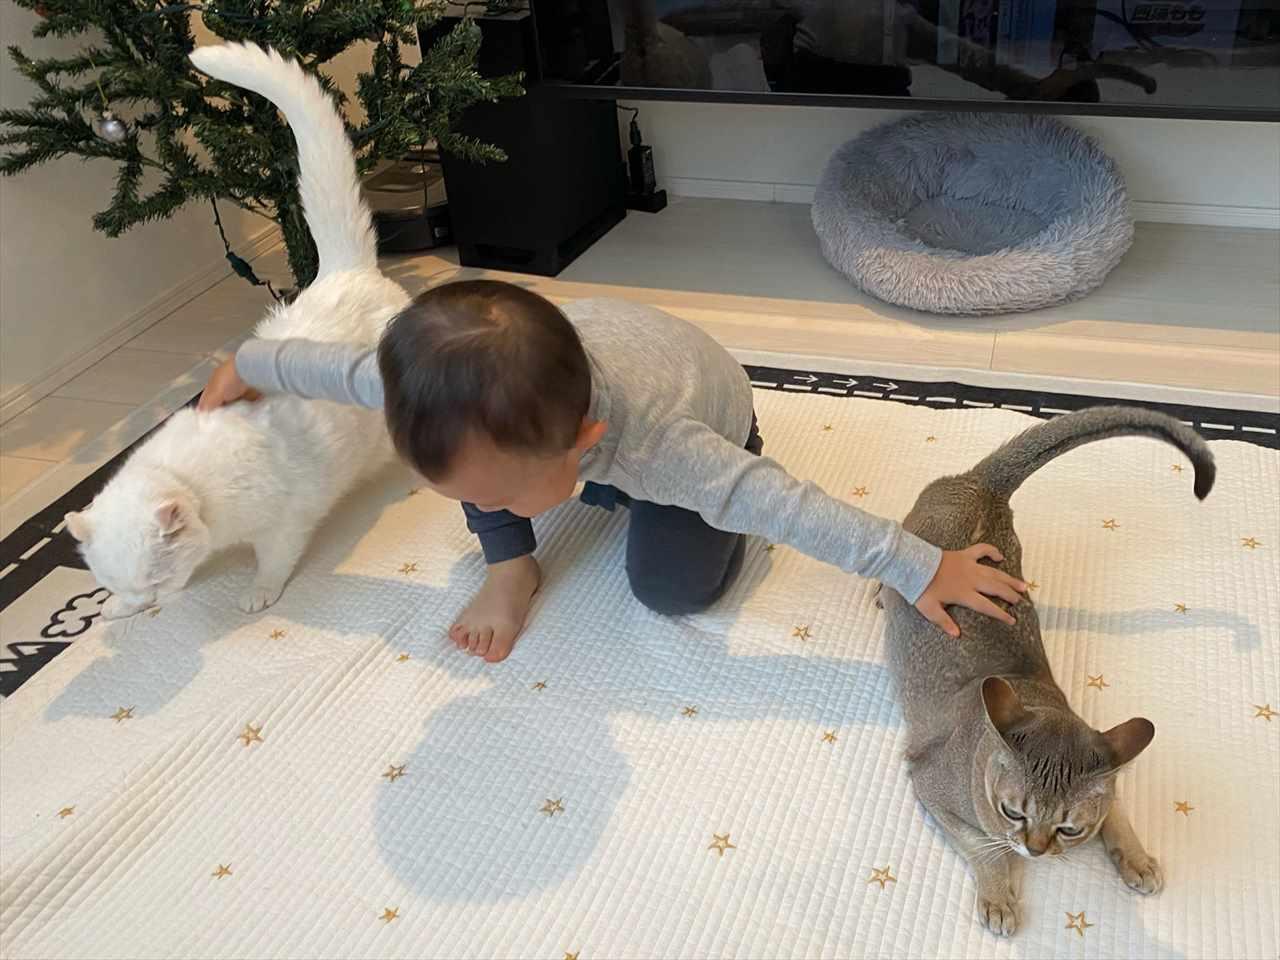 ん?何かを指示している!?(笑) ニャンコを使役する2歳児の頼もしい姿が話題に!